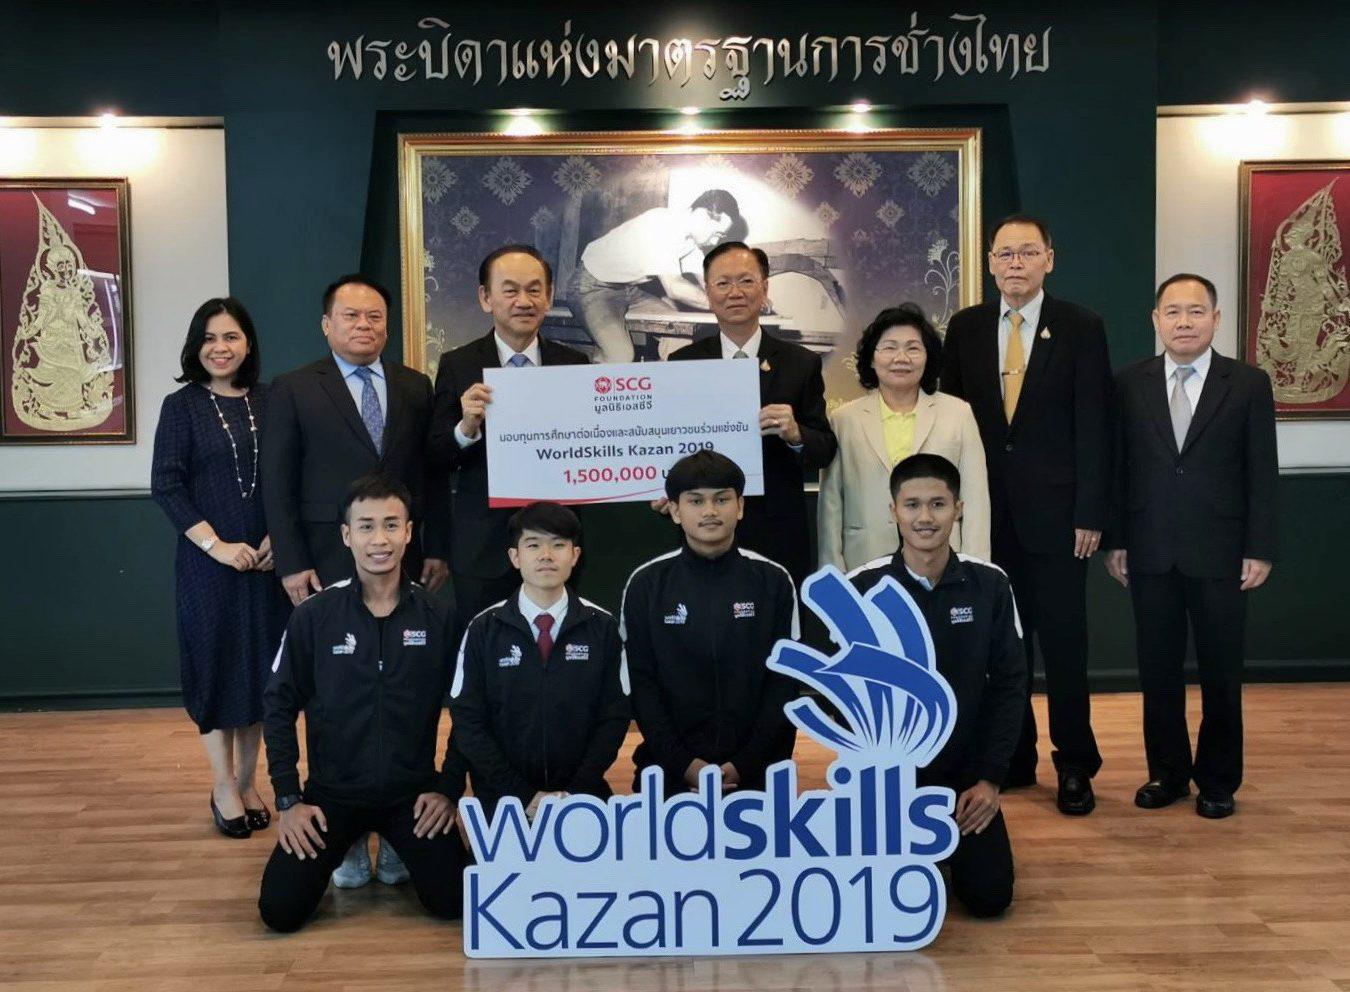 มูลนิธิเอสซีจีร่วมสนับสนุนเด็กอาชีวะฝีมือชน คนสร้างชาติสู่การแข่งขันเวทีโลก ในการแข่งขันฝีมือแรงงานนานาชาติ ครั้งที่ 45 (WorldSkills Kazan 2019)